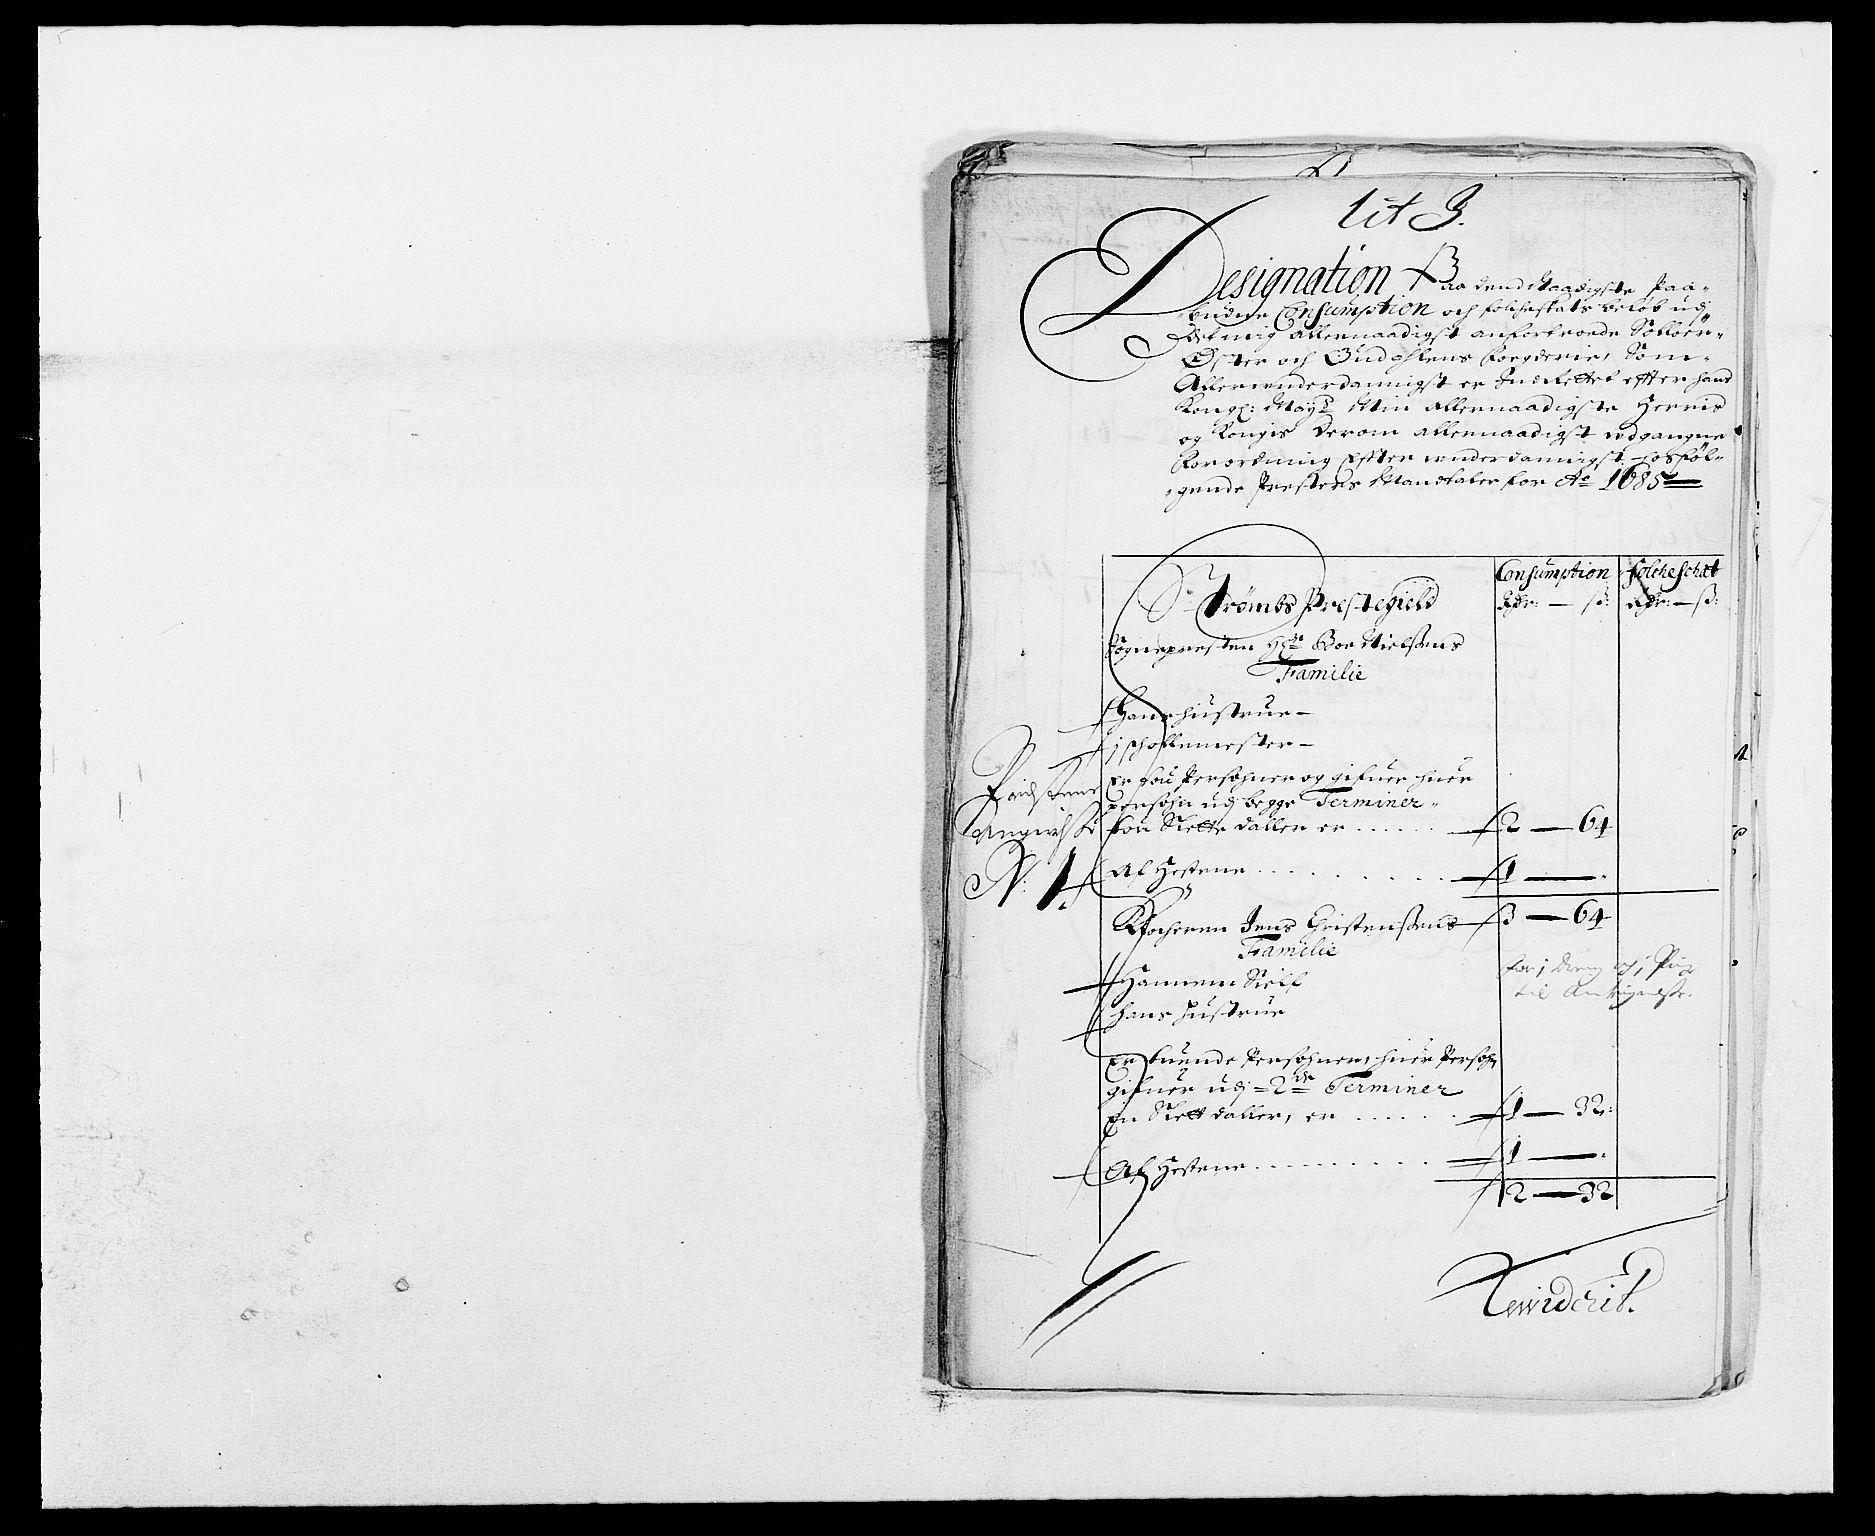 RA, Rentekammeret inntil 1814, Reviderte regnskaper, Fogderegnskap, R13/L0822: Fogderegnskap Solør, Odal og Østerdal, 1685, s. 215